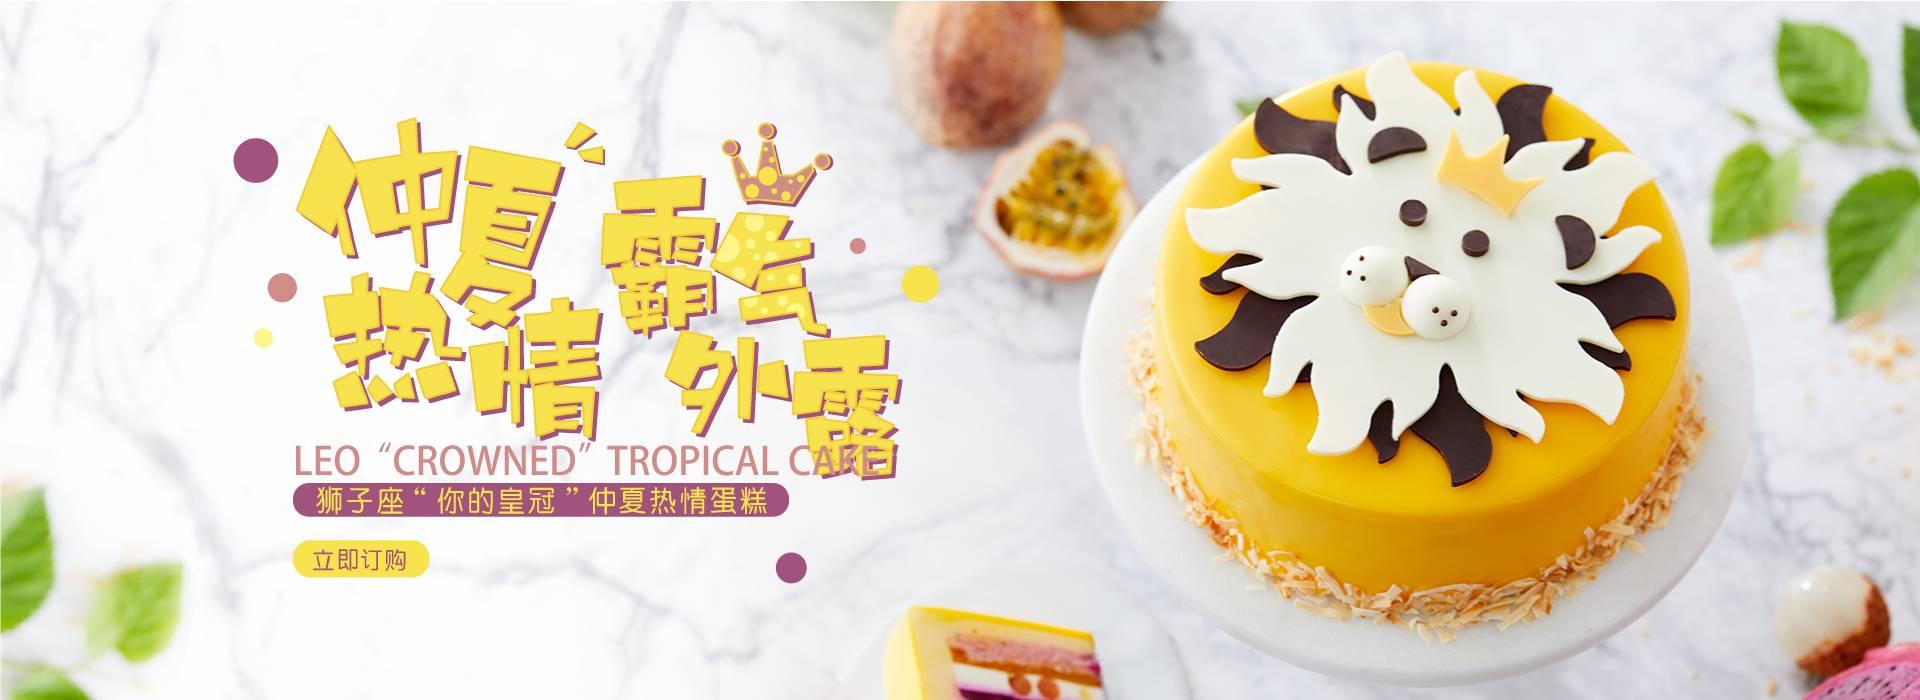 """狮子座""""你的皇冠""""仲夏热情蛋糕"""